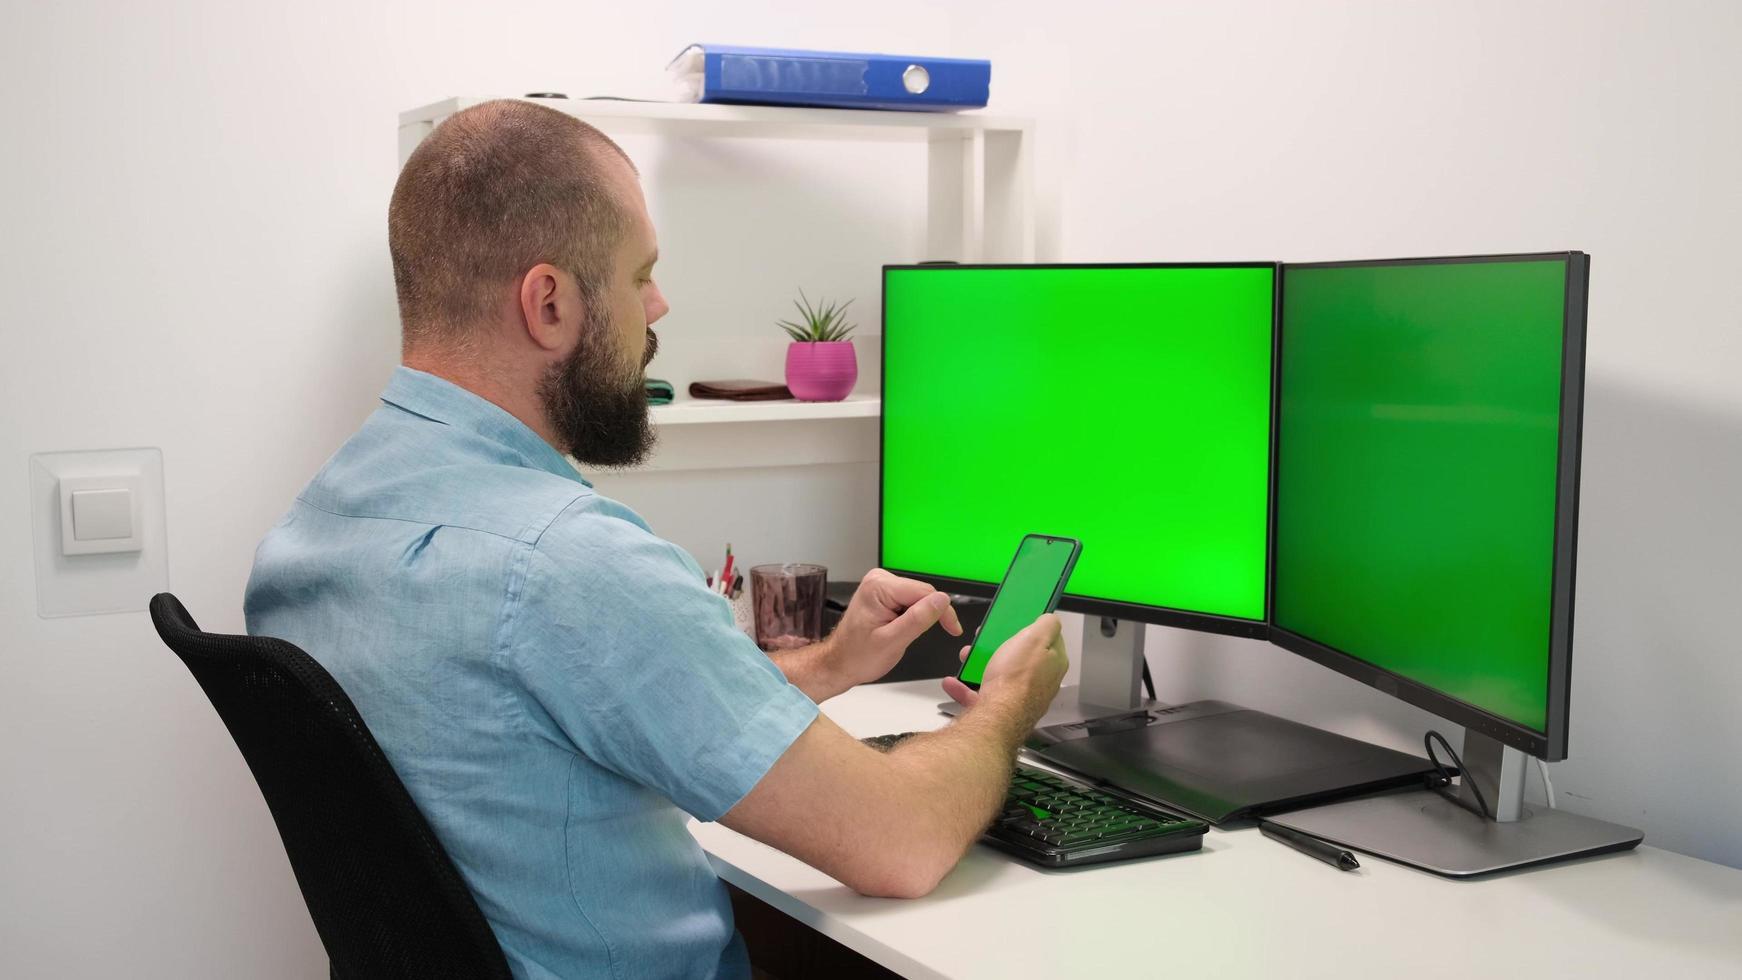 Hombre de negocios trabajando y escribiendo en un teléfono móvil y una computadora con dos monitores, trabajo multitarea, pantalla verde foto